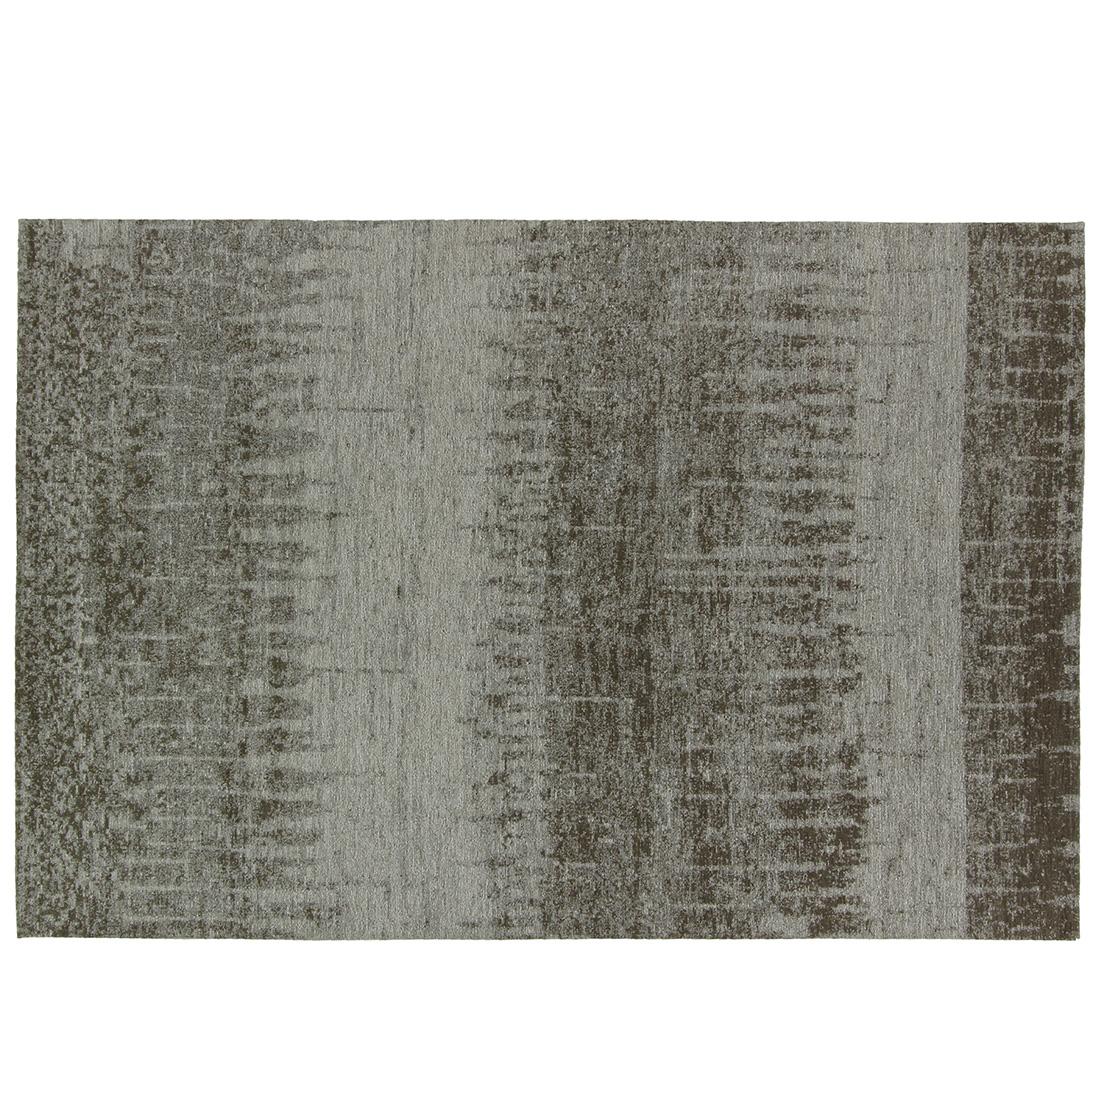 Vloerkleed Brinker Varoy Beige | 170 x 230 cm